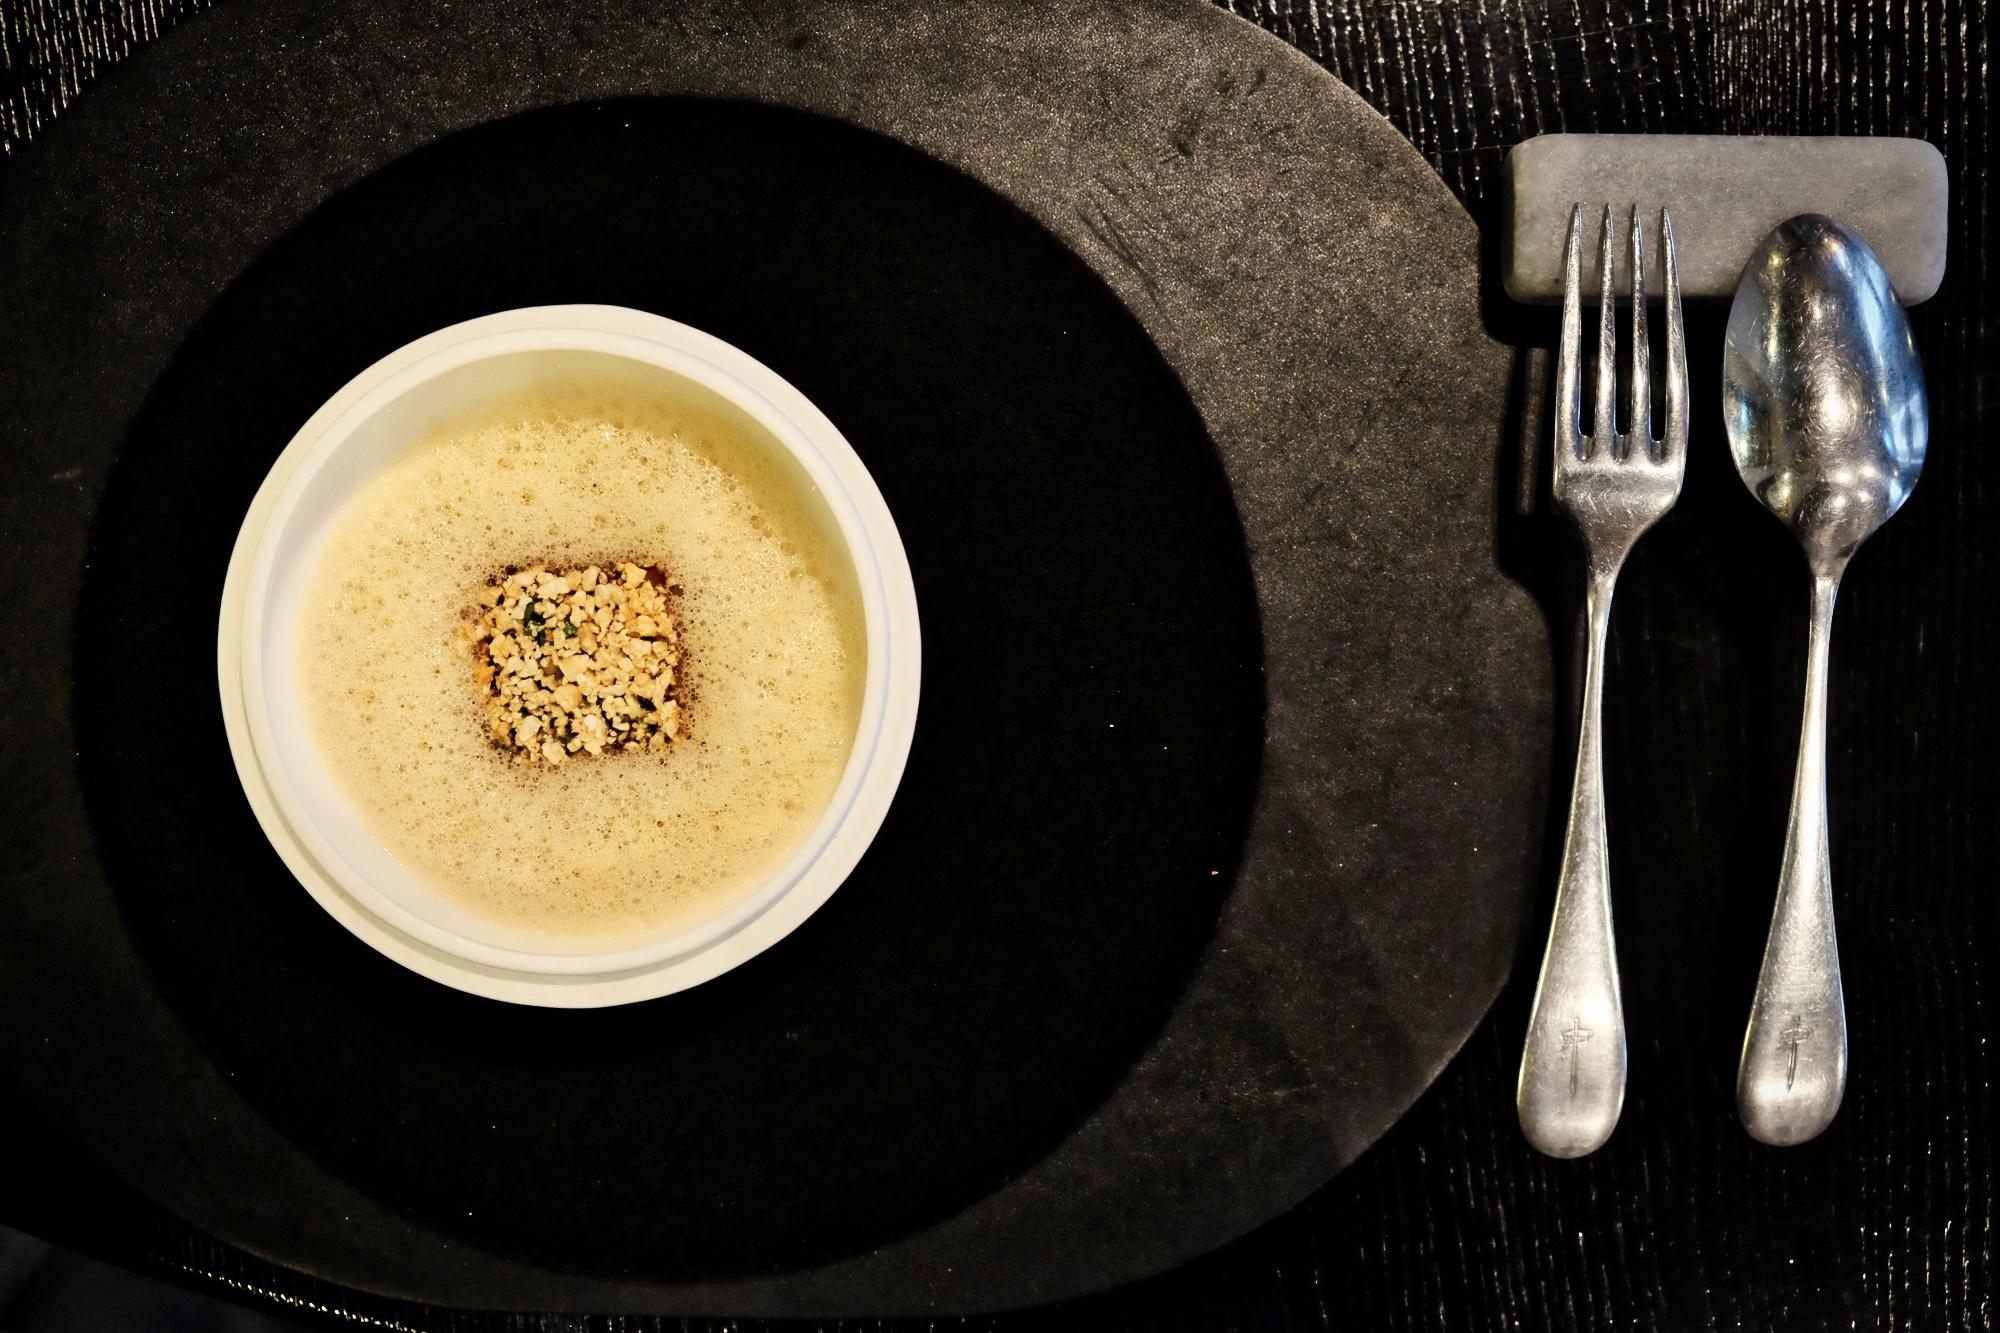 dscf8264_filippou_vienna_michelin_austria_restaurant_vilagevo_jokuti_andras_l.jpeg